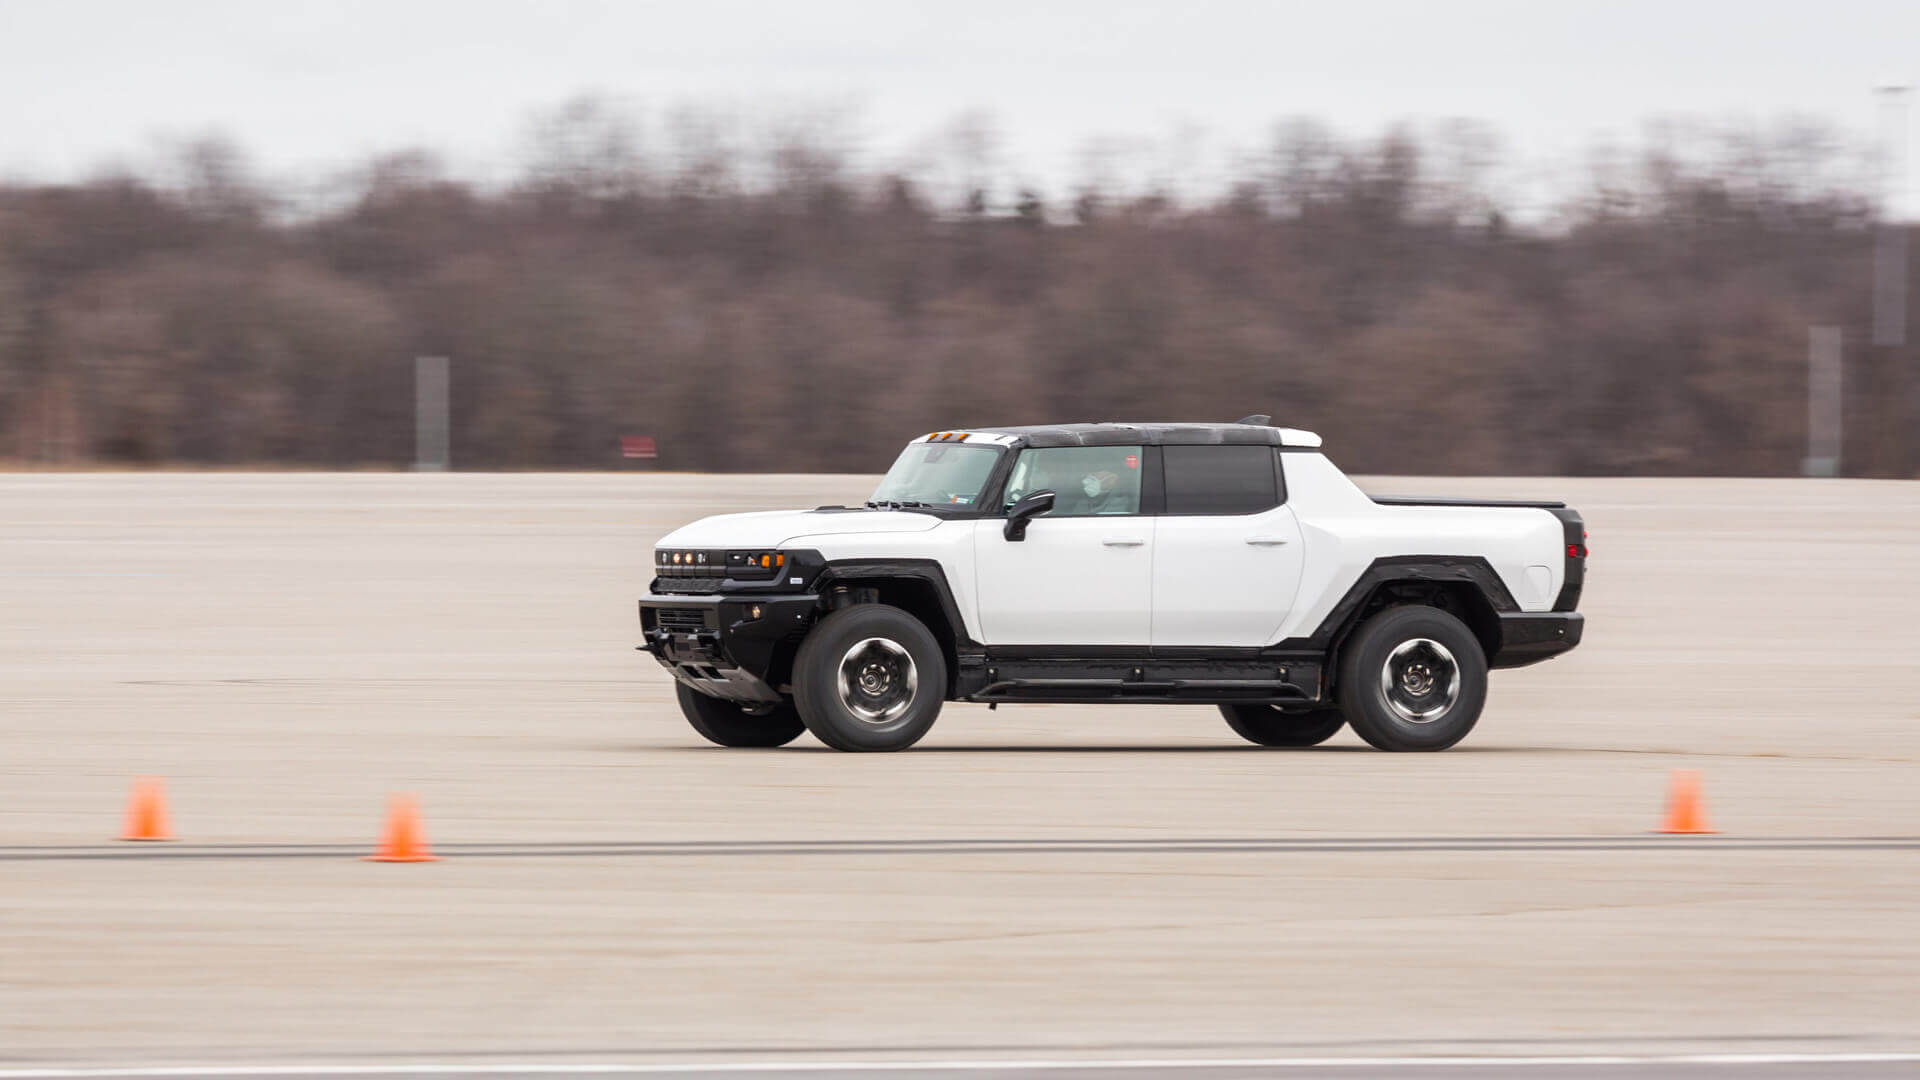 Электропикап GMC Hummer EV пройдет суровые зимние испытания